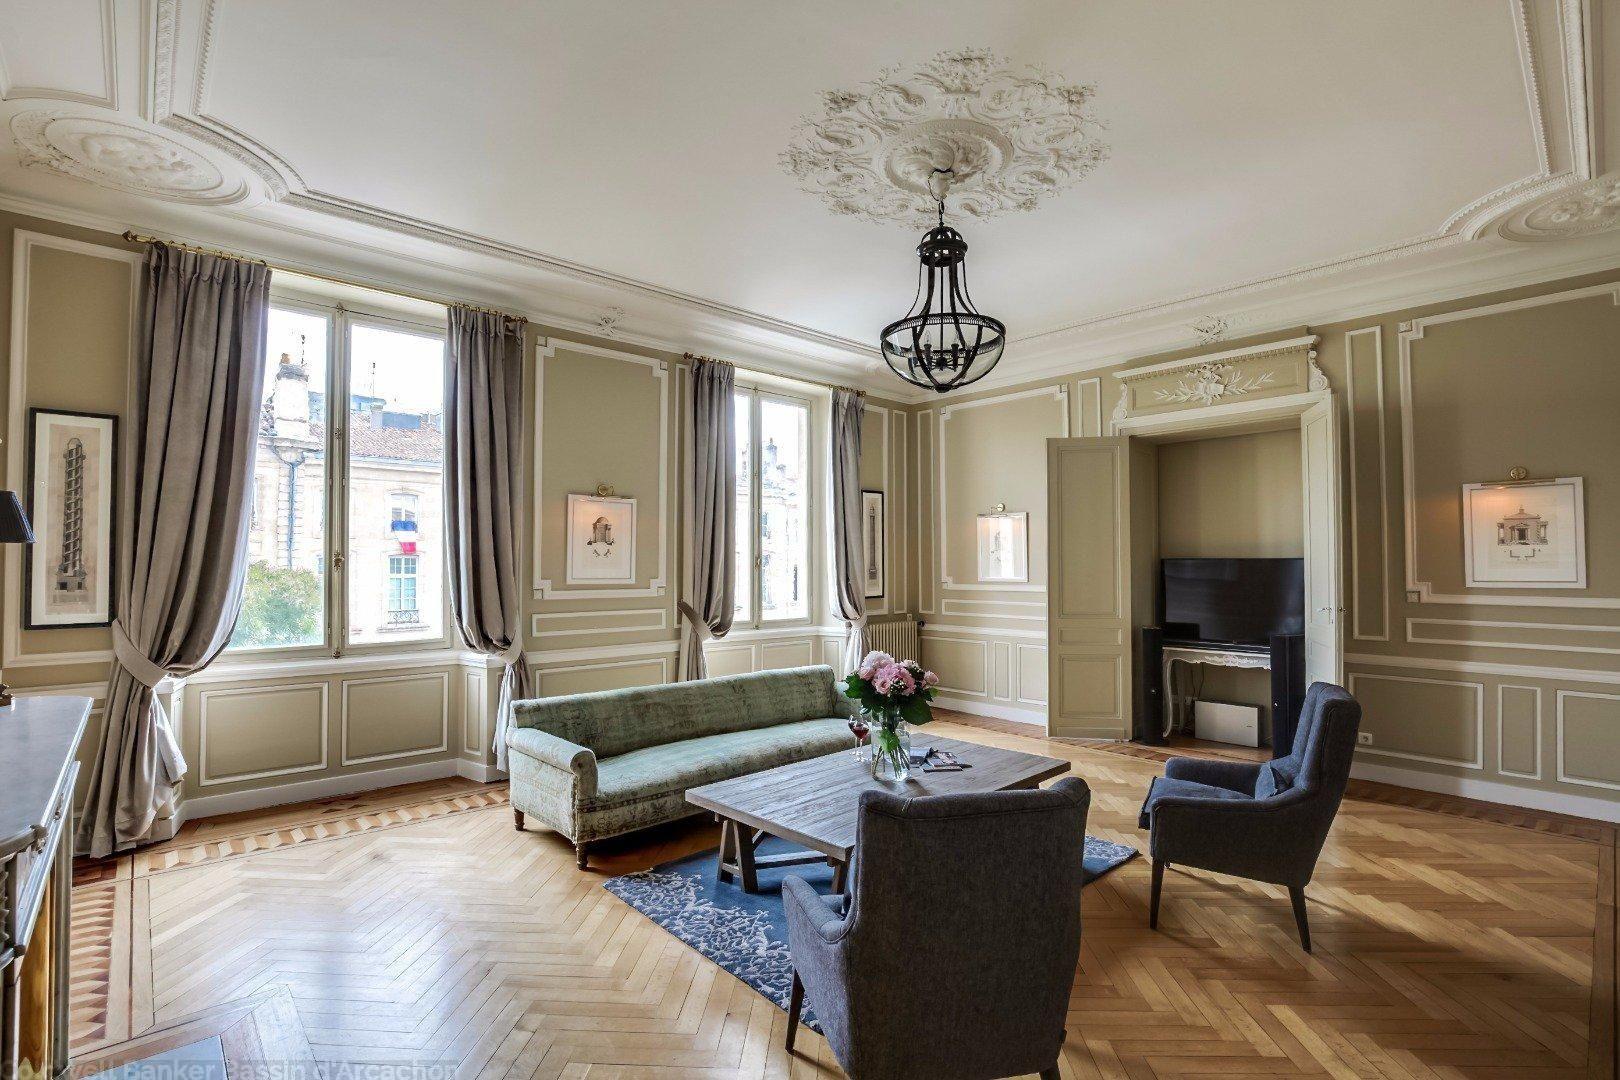 Appartement De Prestige Bordeaux Hyper Centre Triangle D Or Dans Immeuble Du 18 ème Siècle Immobilier De Luxe Immeuble Appartement Bordeaux